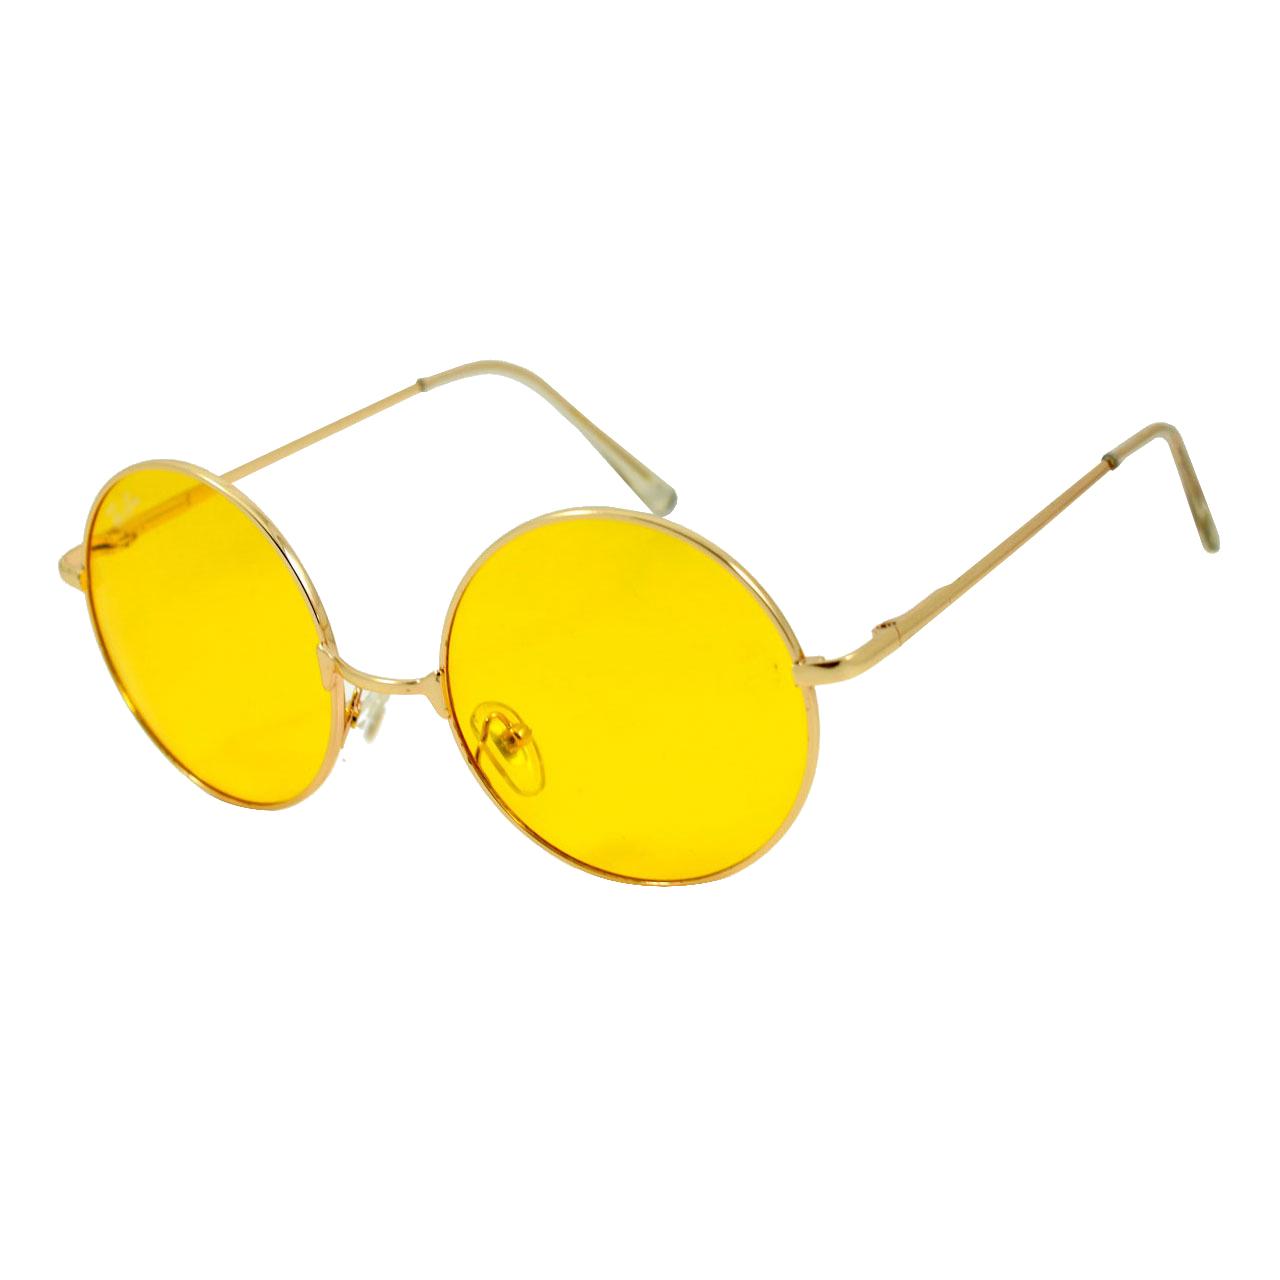 عینک آفتابی مدل Round Metal Yellow